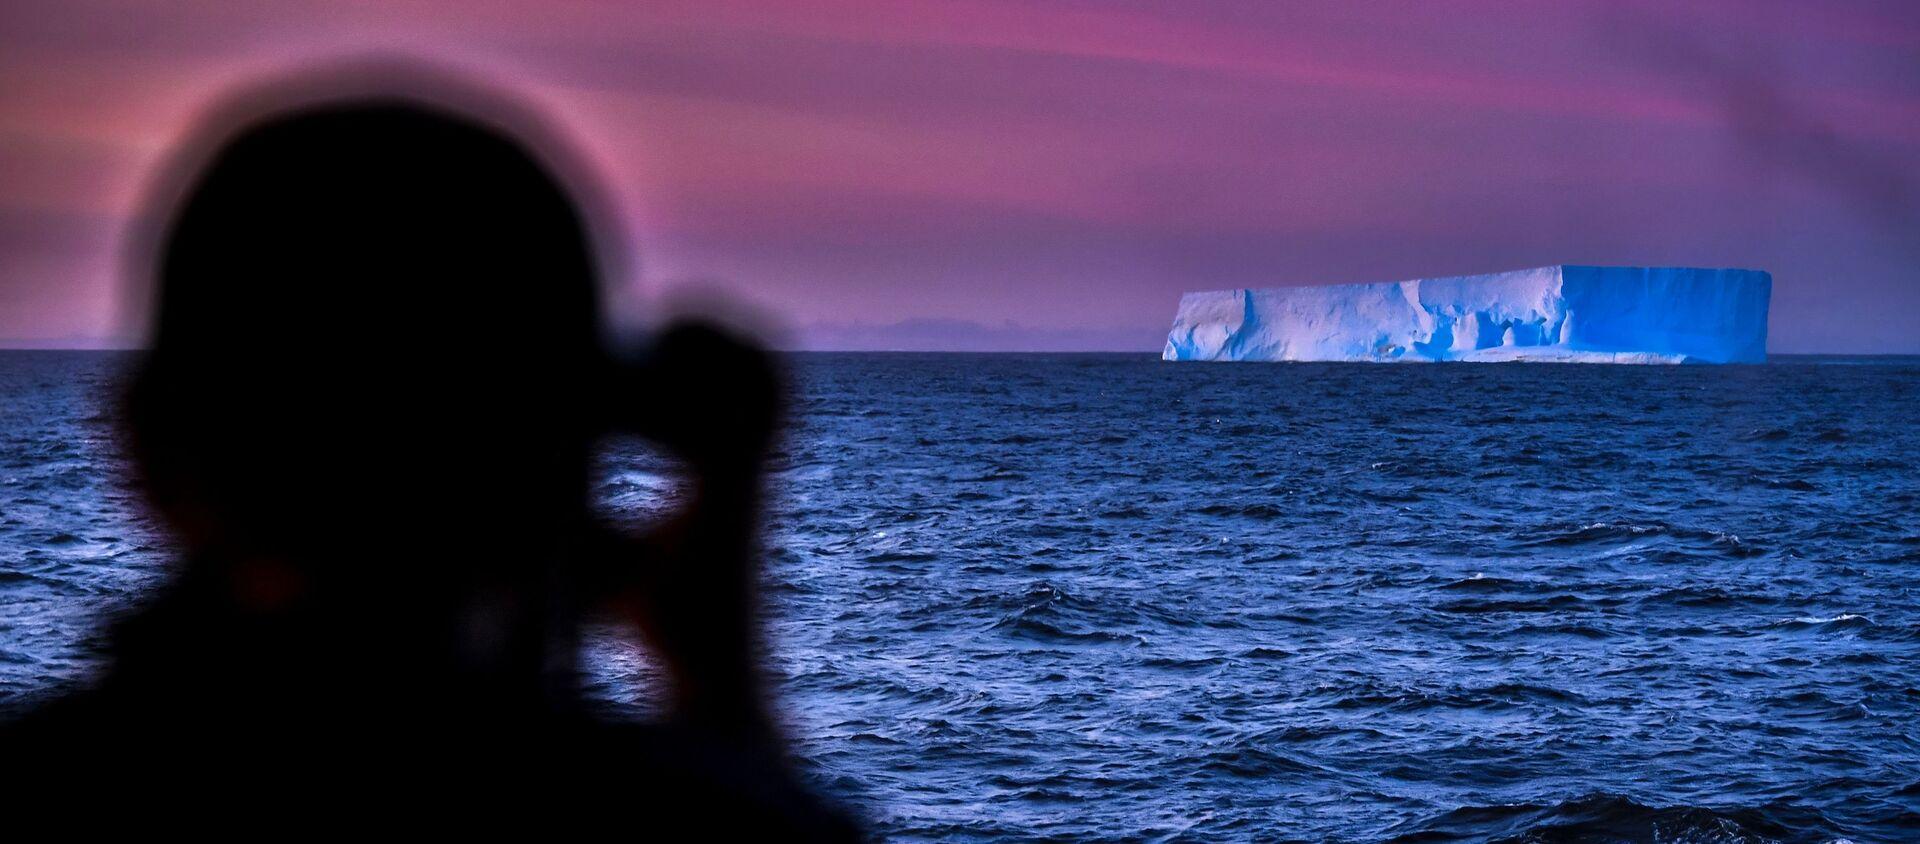 Viaje al hemisferio sur: asombrosos paisajes de la Antártida desde un buque de investigación  - Sputnik Mundo, 1920, 13.03.2020